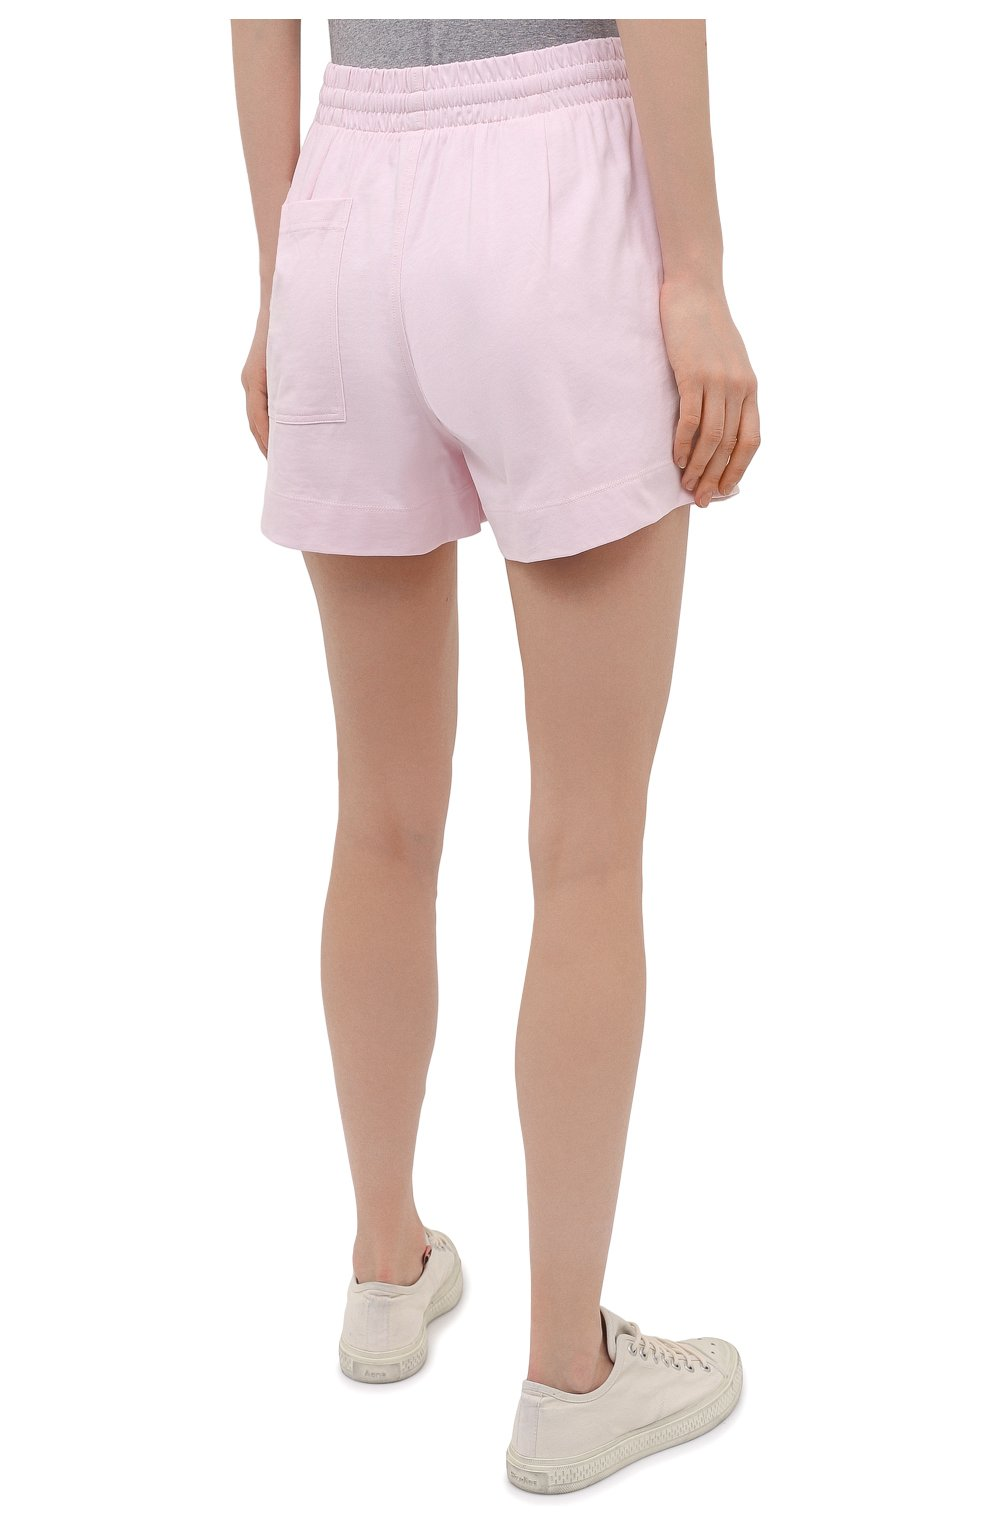 Женские хлопковые шорты DRIES VAN NOTEN светло-розового цвета, арт. 211-11120-2603 | Фото 4 (Женское Кросс-КТ: Шорты-одежда; Длина Ж (юбки, платья, шорты): Мини; Материал внешний: Хлопок; Стили: Спорт-шик; Материал подклада: Хлопок)